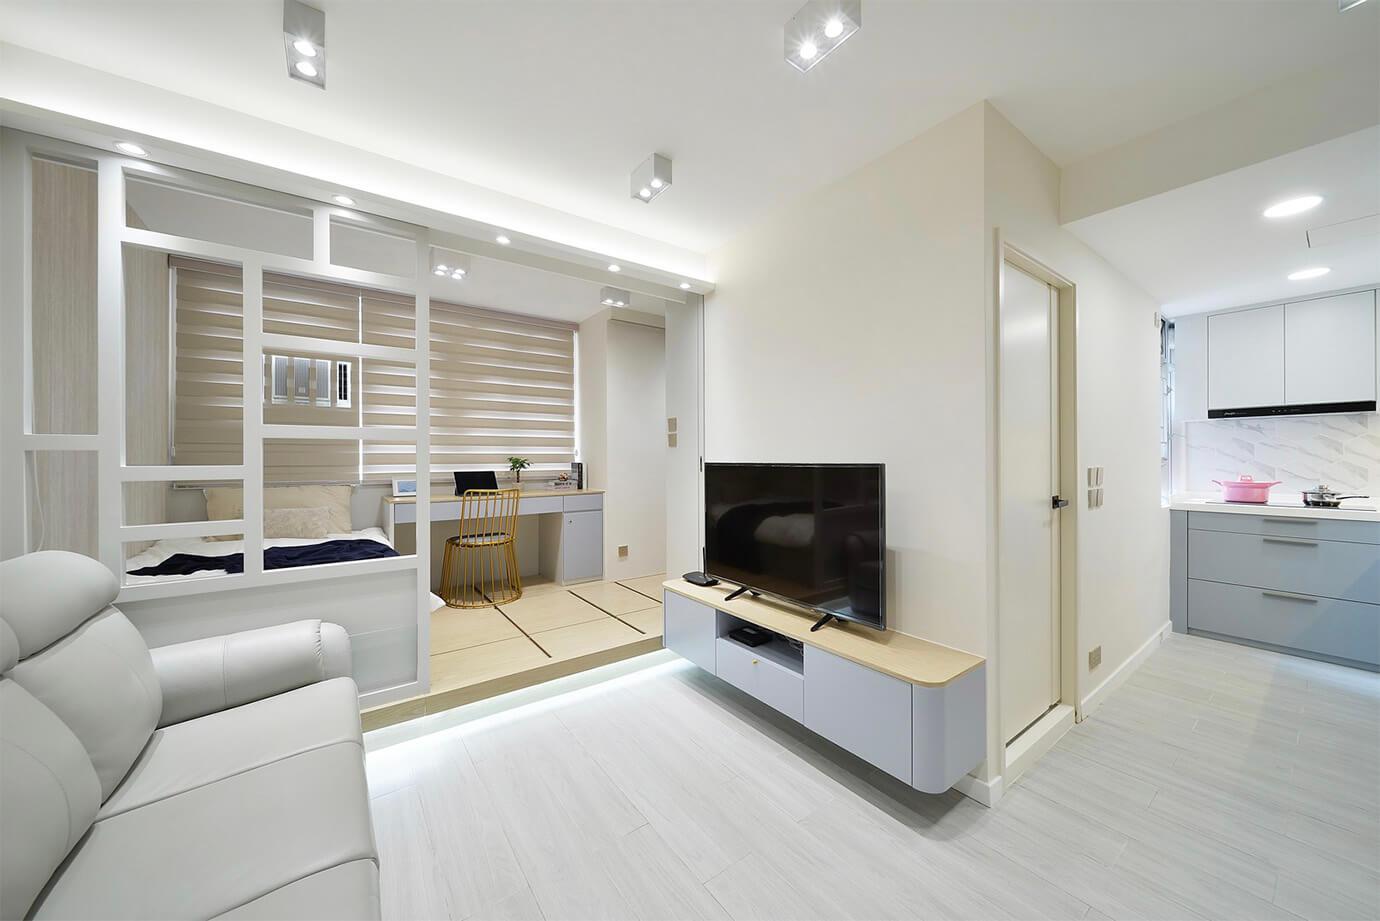 Inch Interior Design Hong Kong Hoi Lok Court 凱樂苑 長沙灣